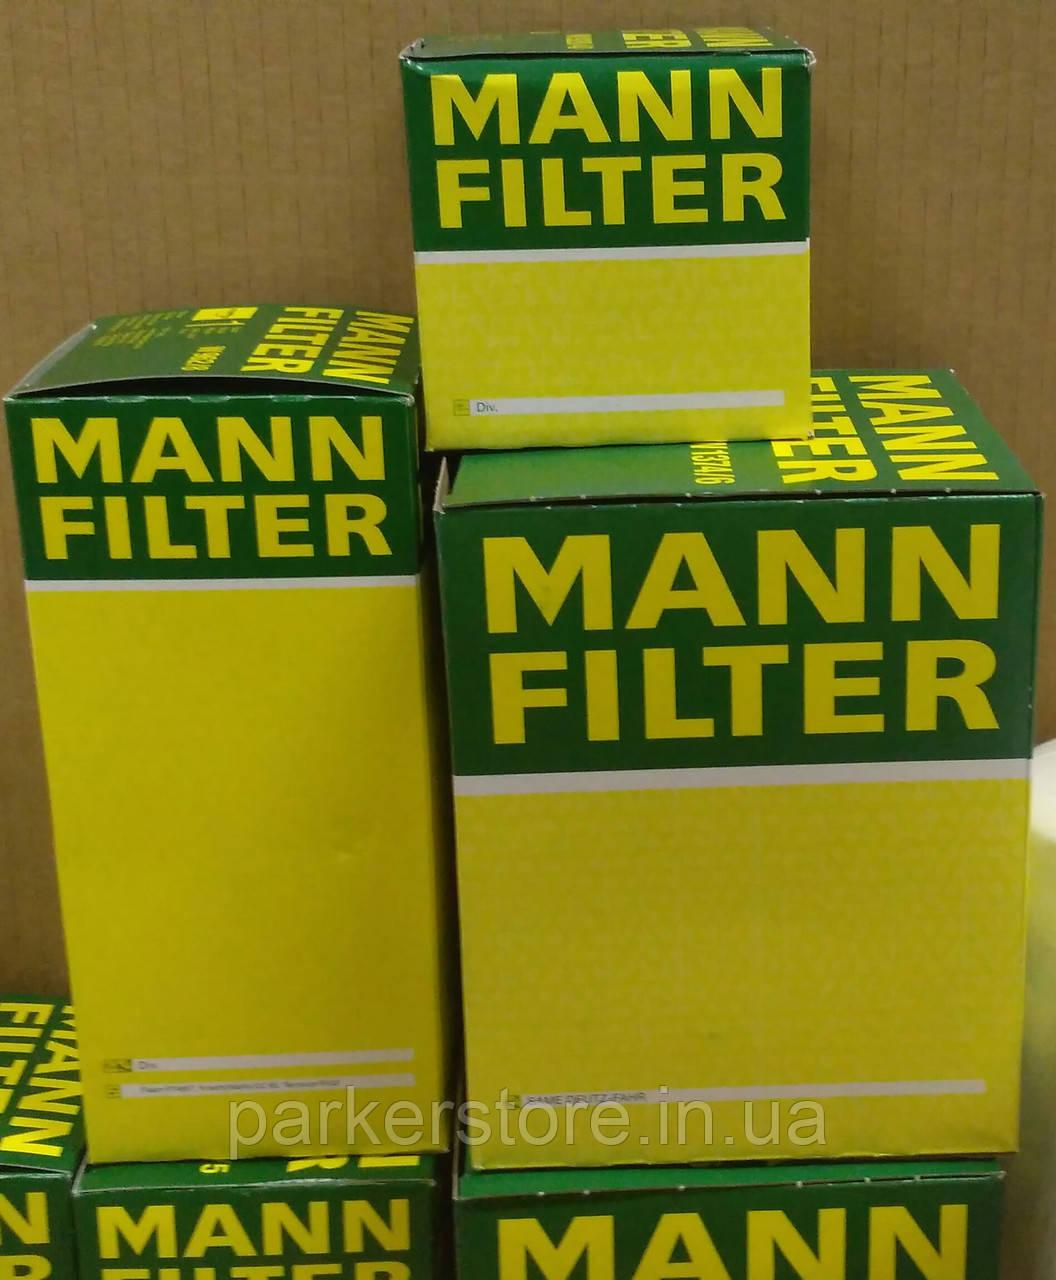 MANN FILTER / Повітряний фільтр / C 2687 / C2687